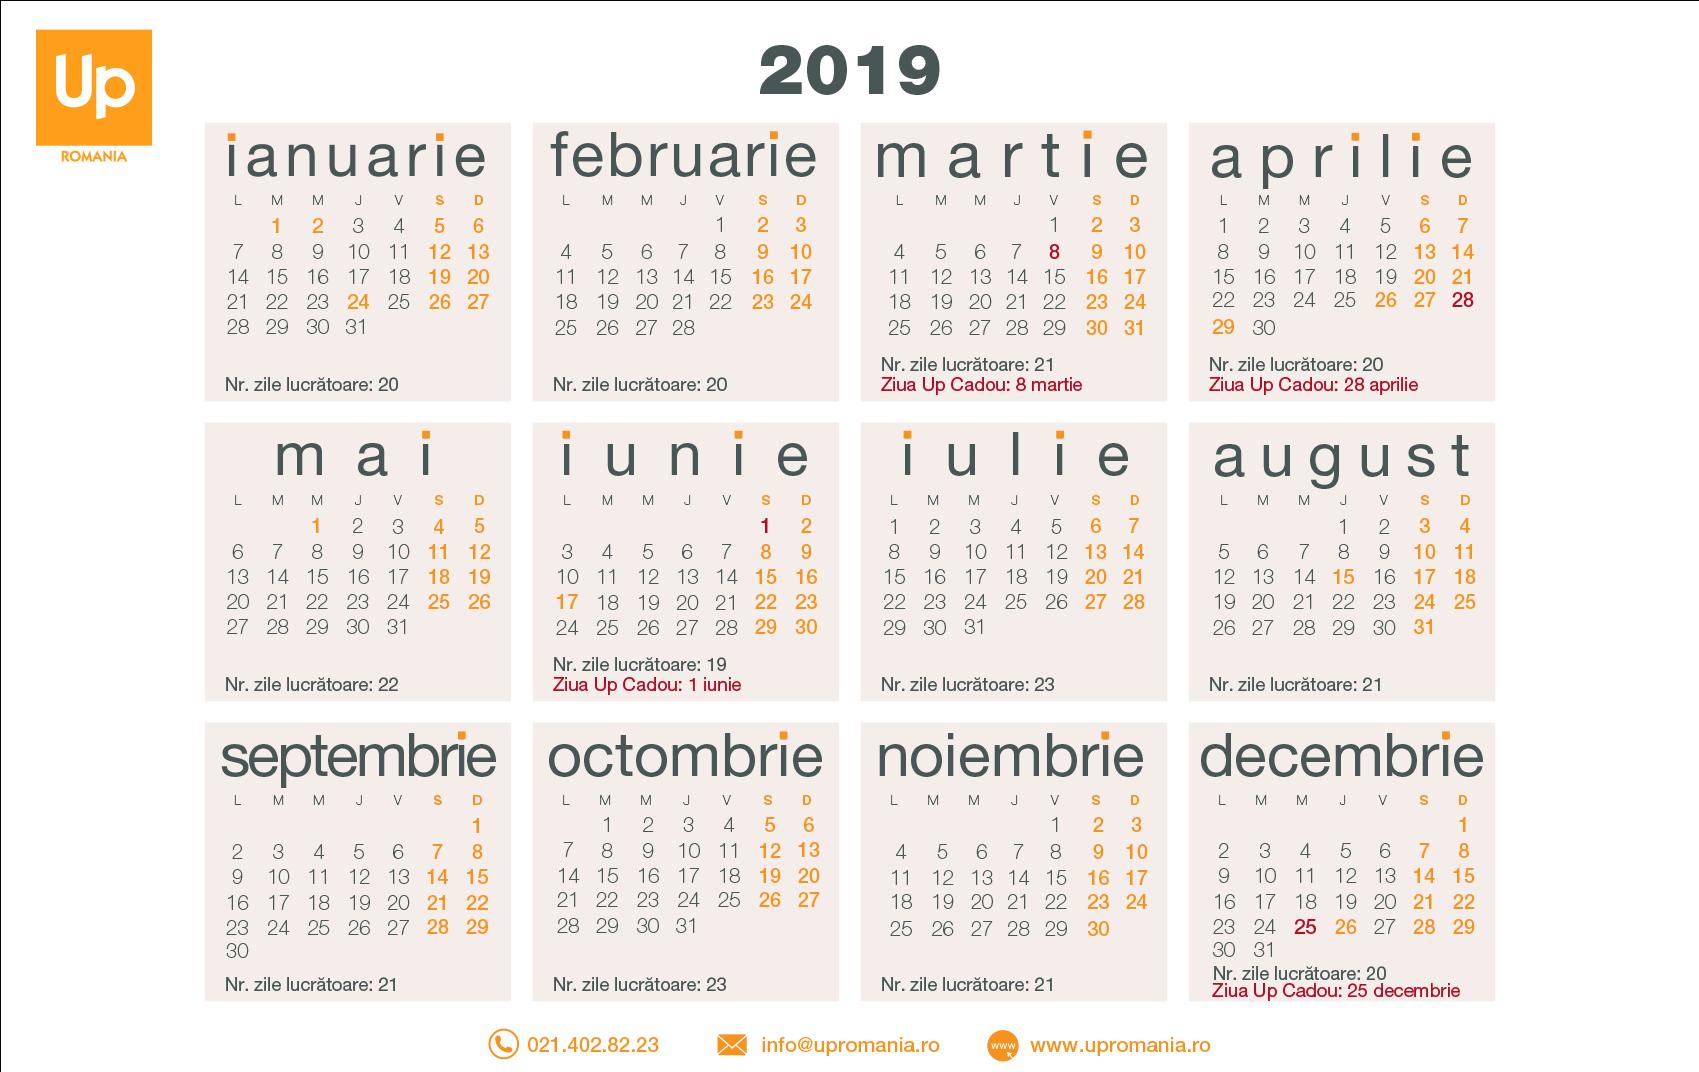 Calendar 2020 Zile Lucratoare | Calendar Template Printable within Calendar 2020 Cu Zile Lucratoare